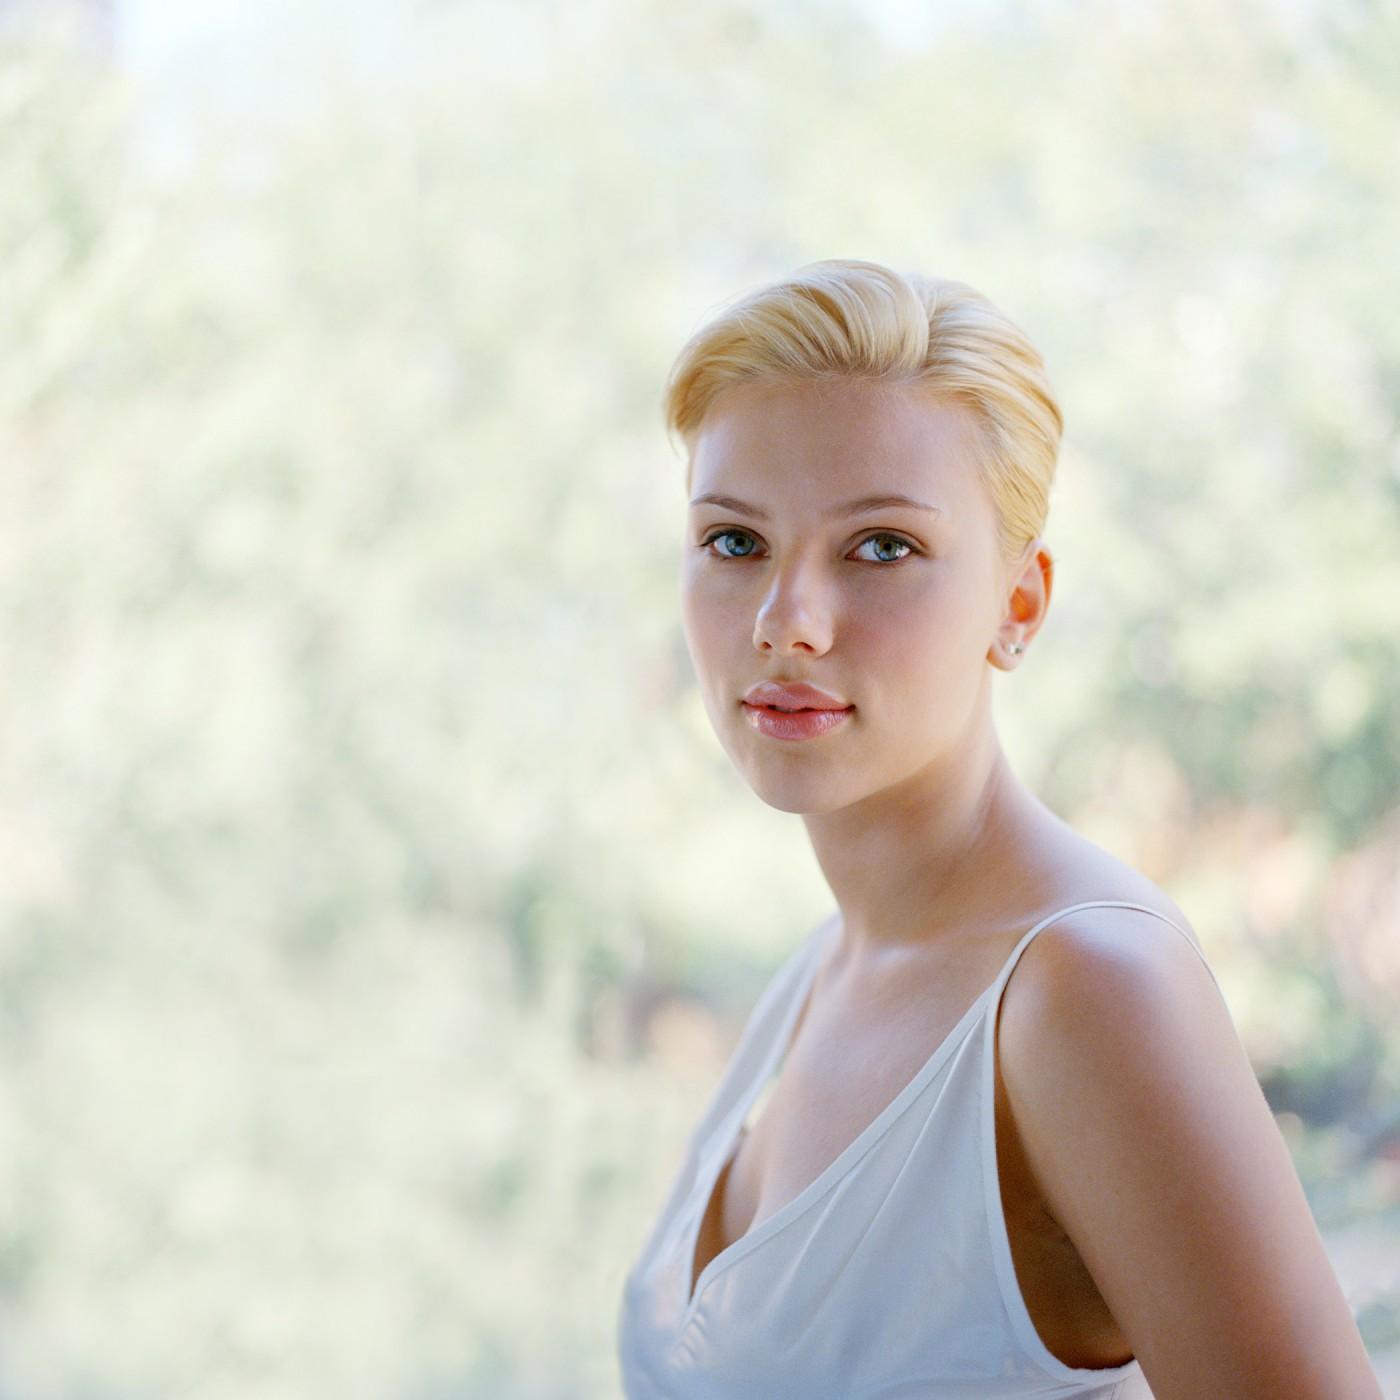 Derek Shapton, </span><span><em>Scarlett Johansson</em>, </span><span>September 19, 2004